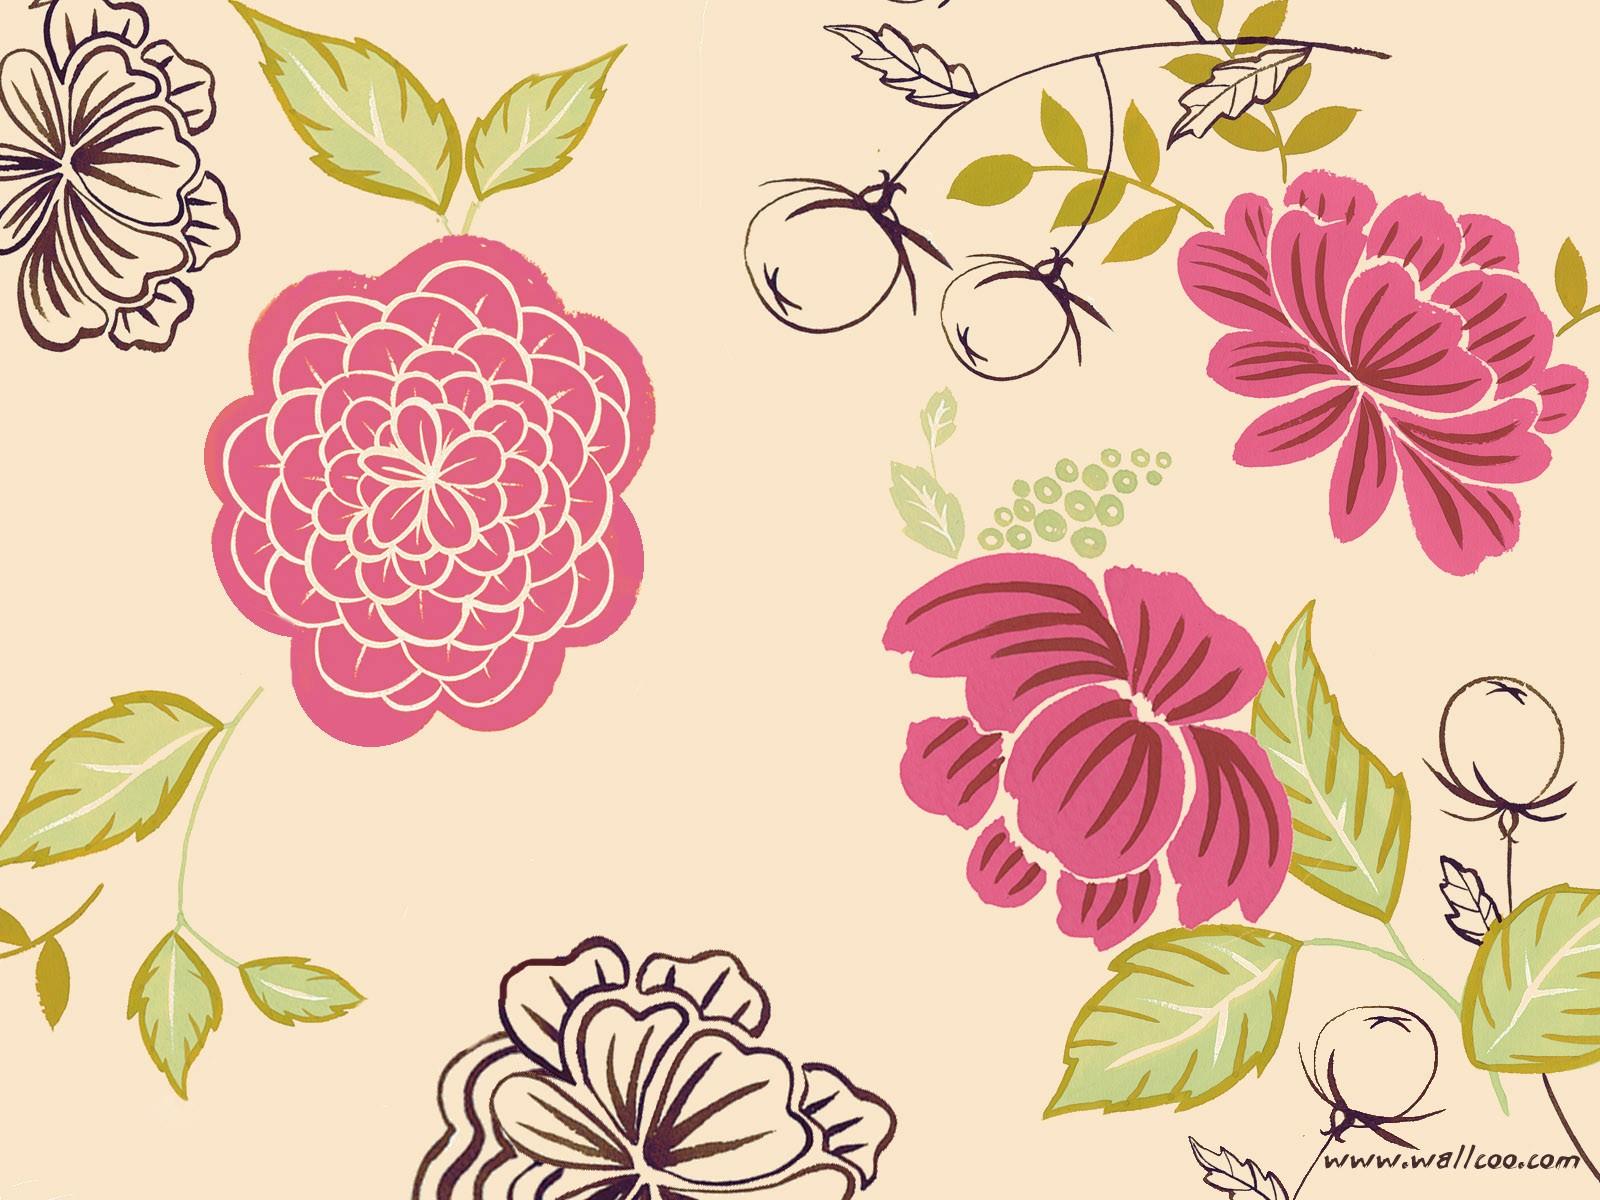 壁纸1600×1200花卉图案设计 抽象花卉插画壁纸壁纸 艺术与抽象花卉壁纸壁纸图片花卉壁纸花卉图片素材桌面壁纸